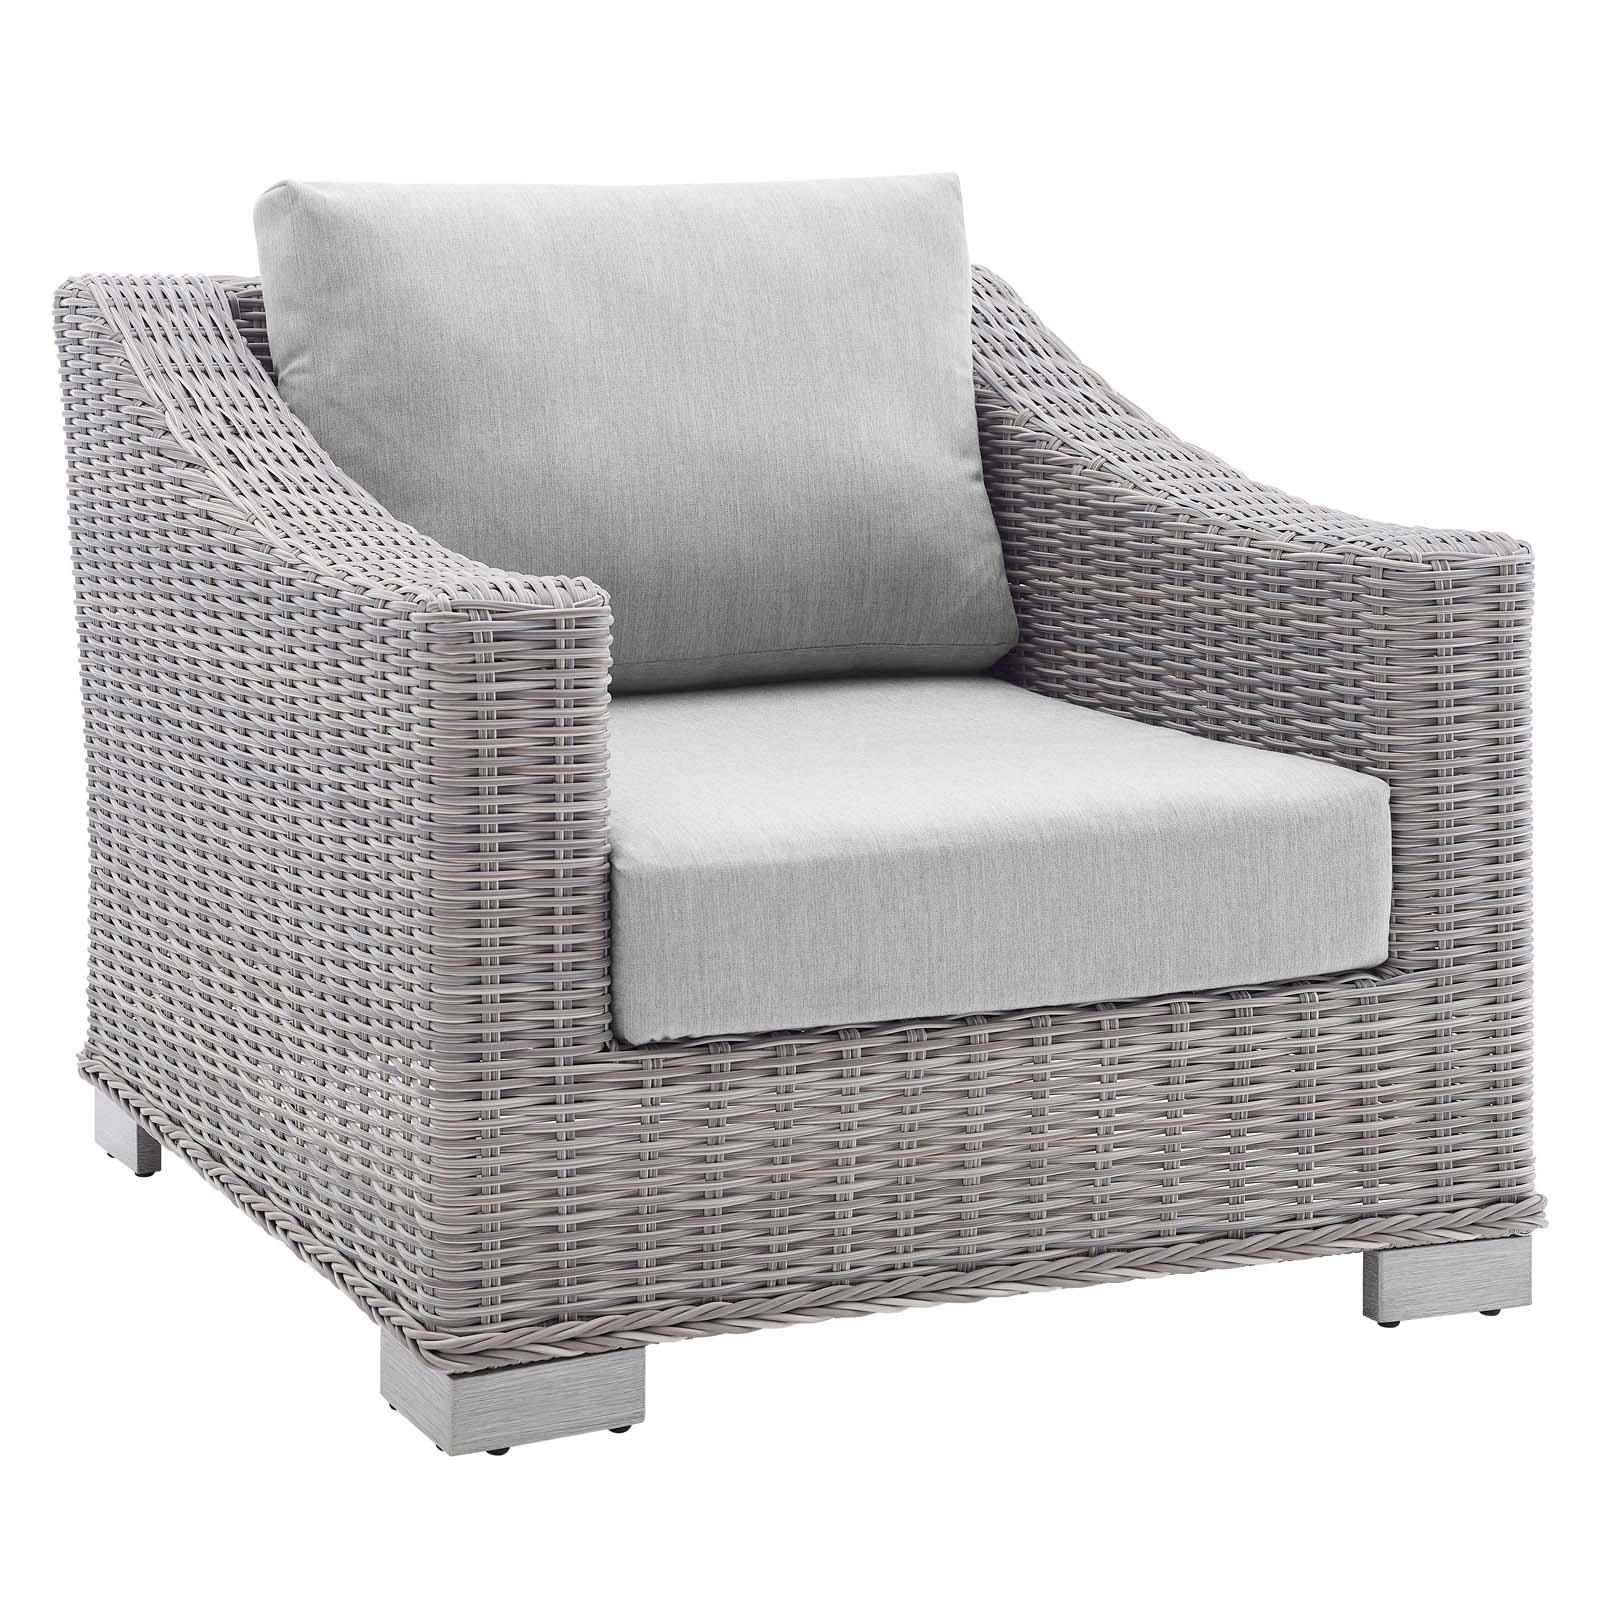 Conway Sunbrella® Outdoor Patio Wicker Rattan Armchair